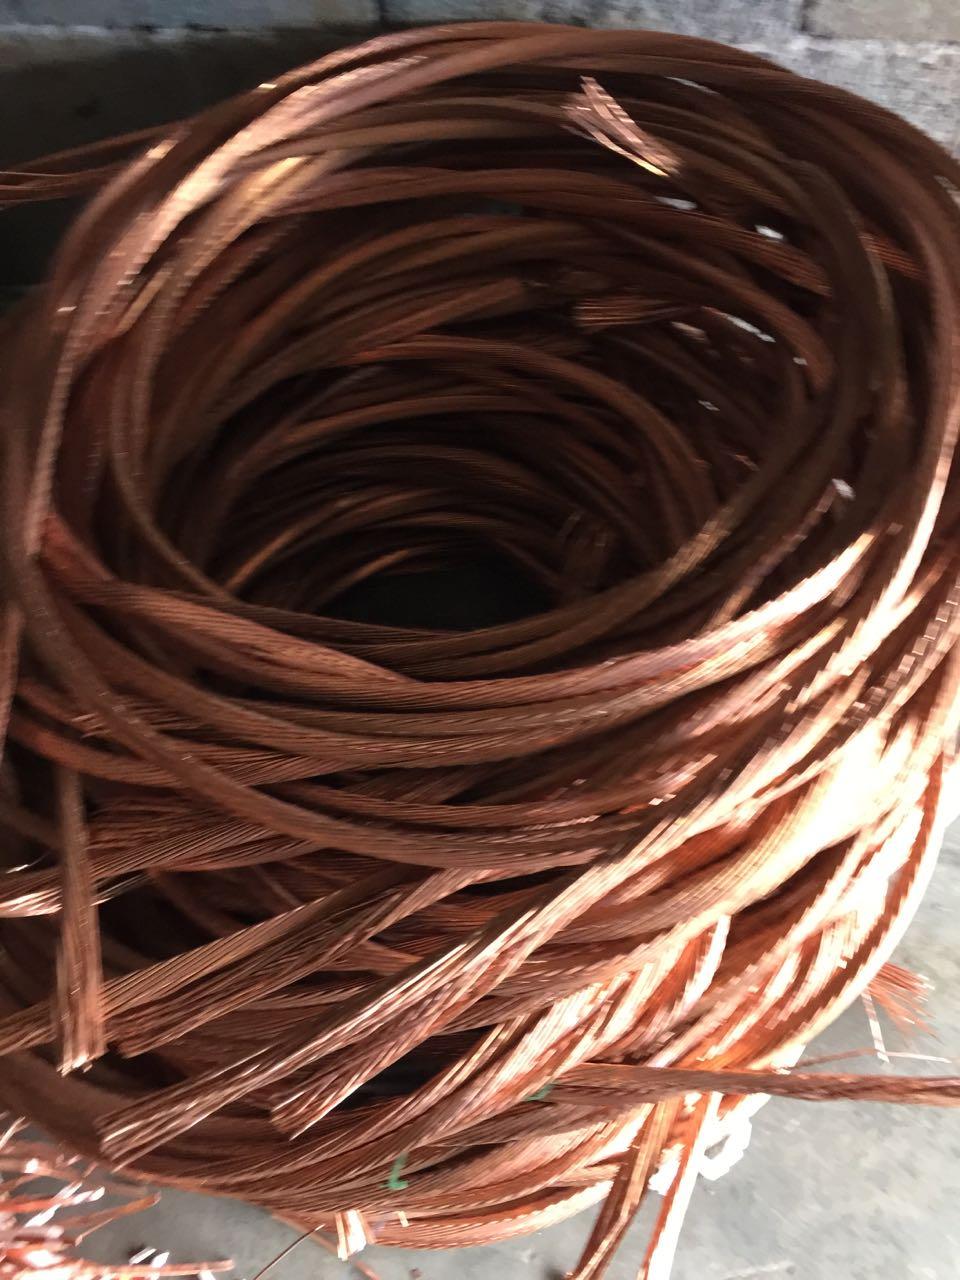 来自小付发布的采购信息:需要大量废旧电线电缆废铜!不限型号规格!... - 吴江市再生资源回收利用有限公司